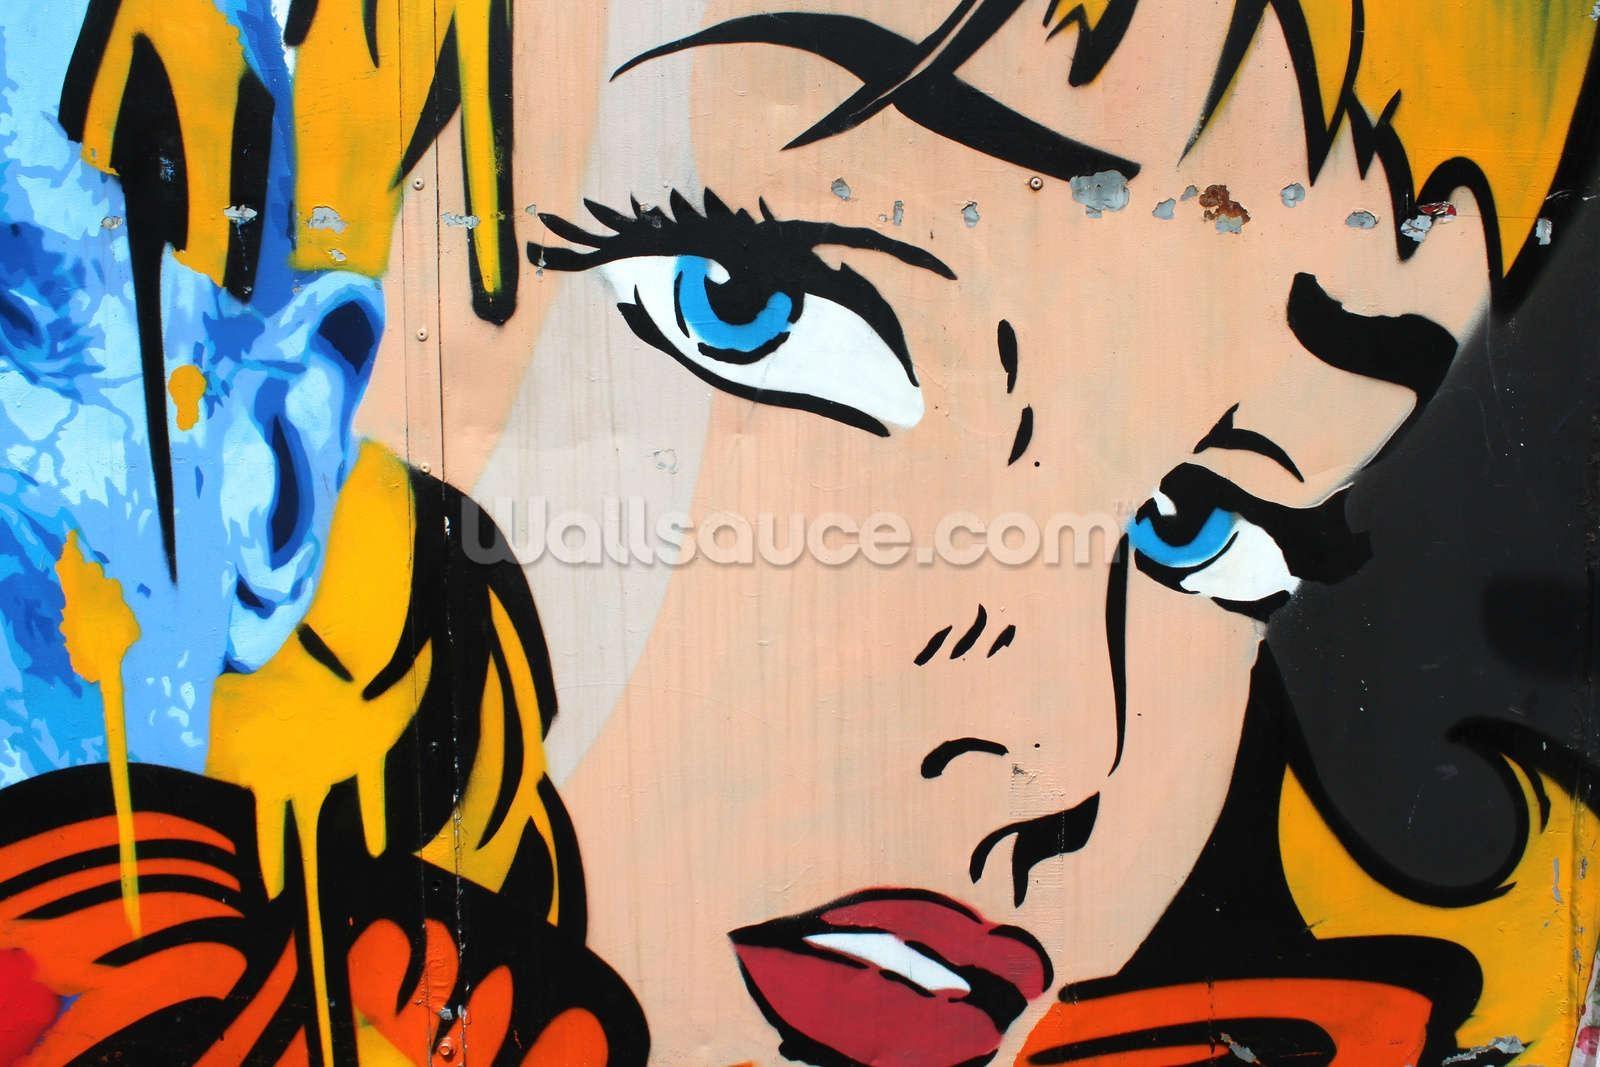 Pop Art Wallpaper Wall Mural | Wallsauce In Pop Art Wallpaper For Walls (View 6 of 20)